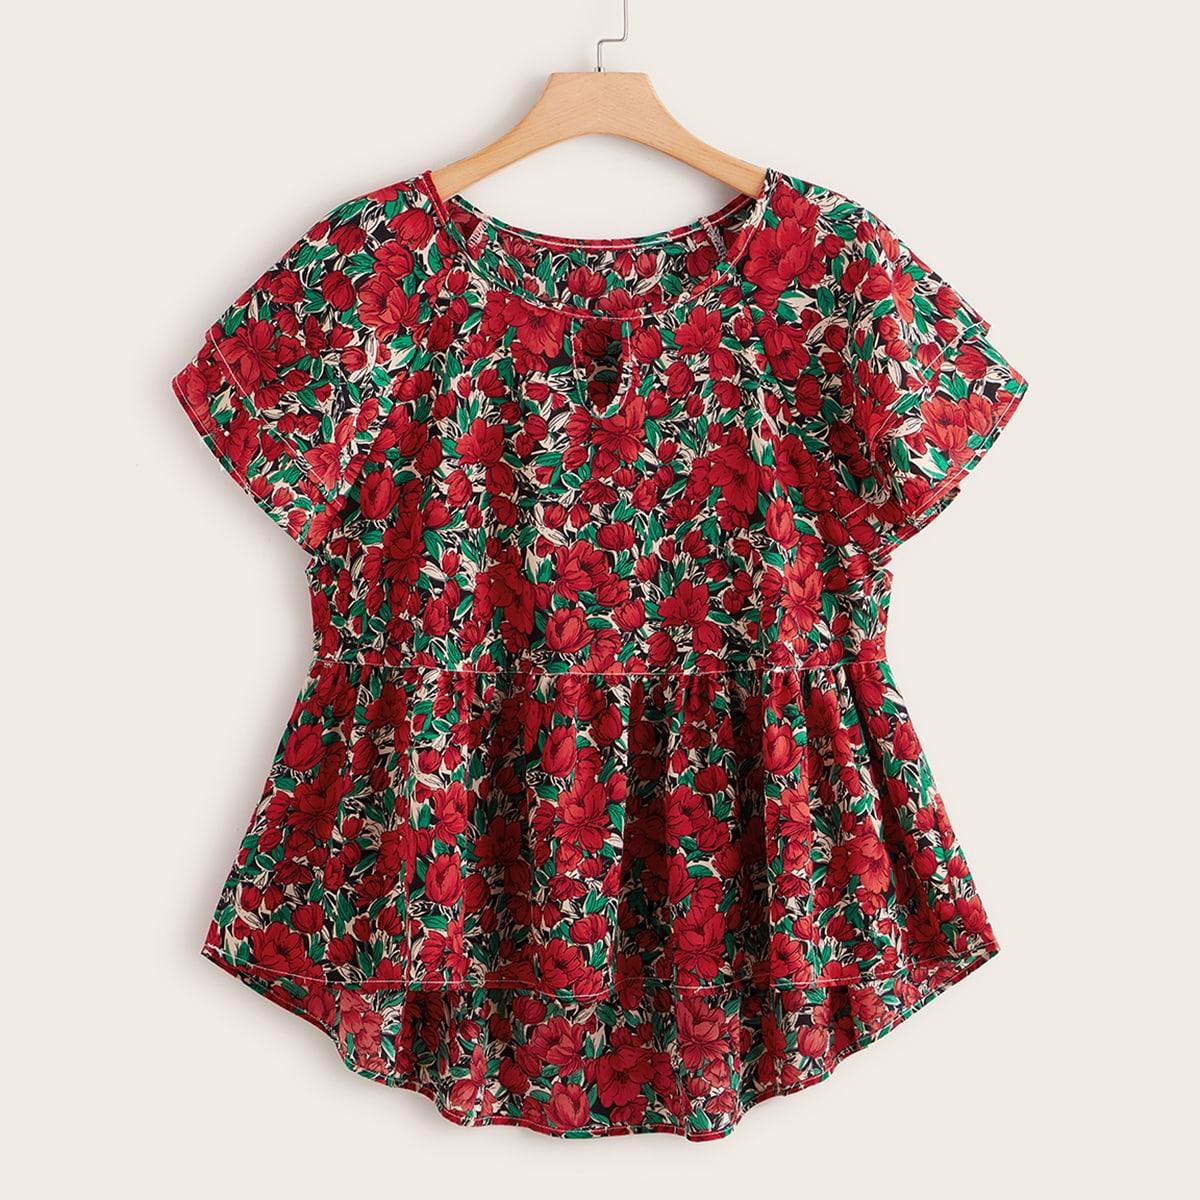 SHEIN / Große Größen - Babydoll Bluse mit Blumen Muster, Schlüsselloch Kragen und Stufensaum